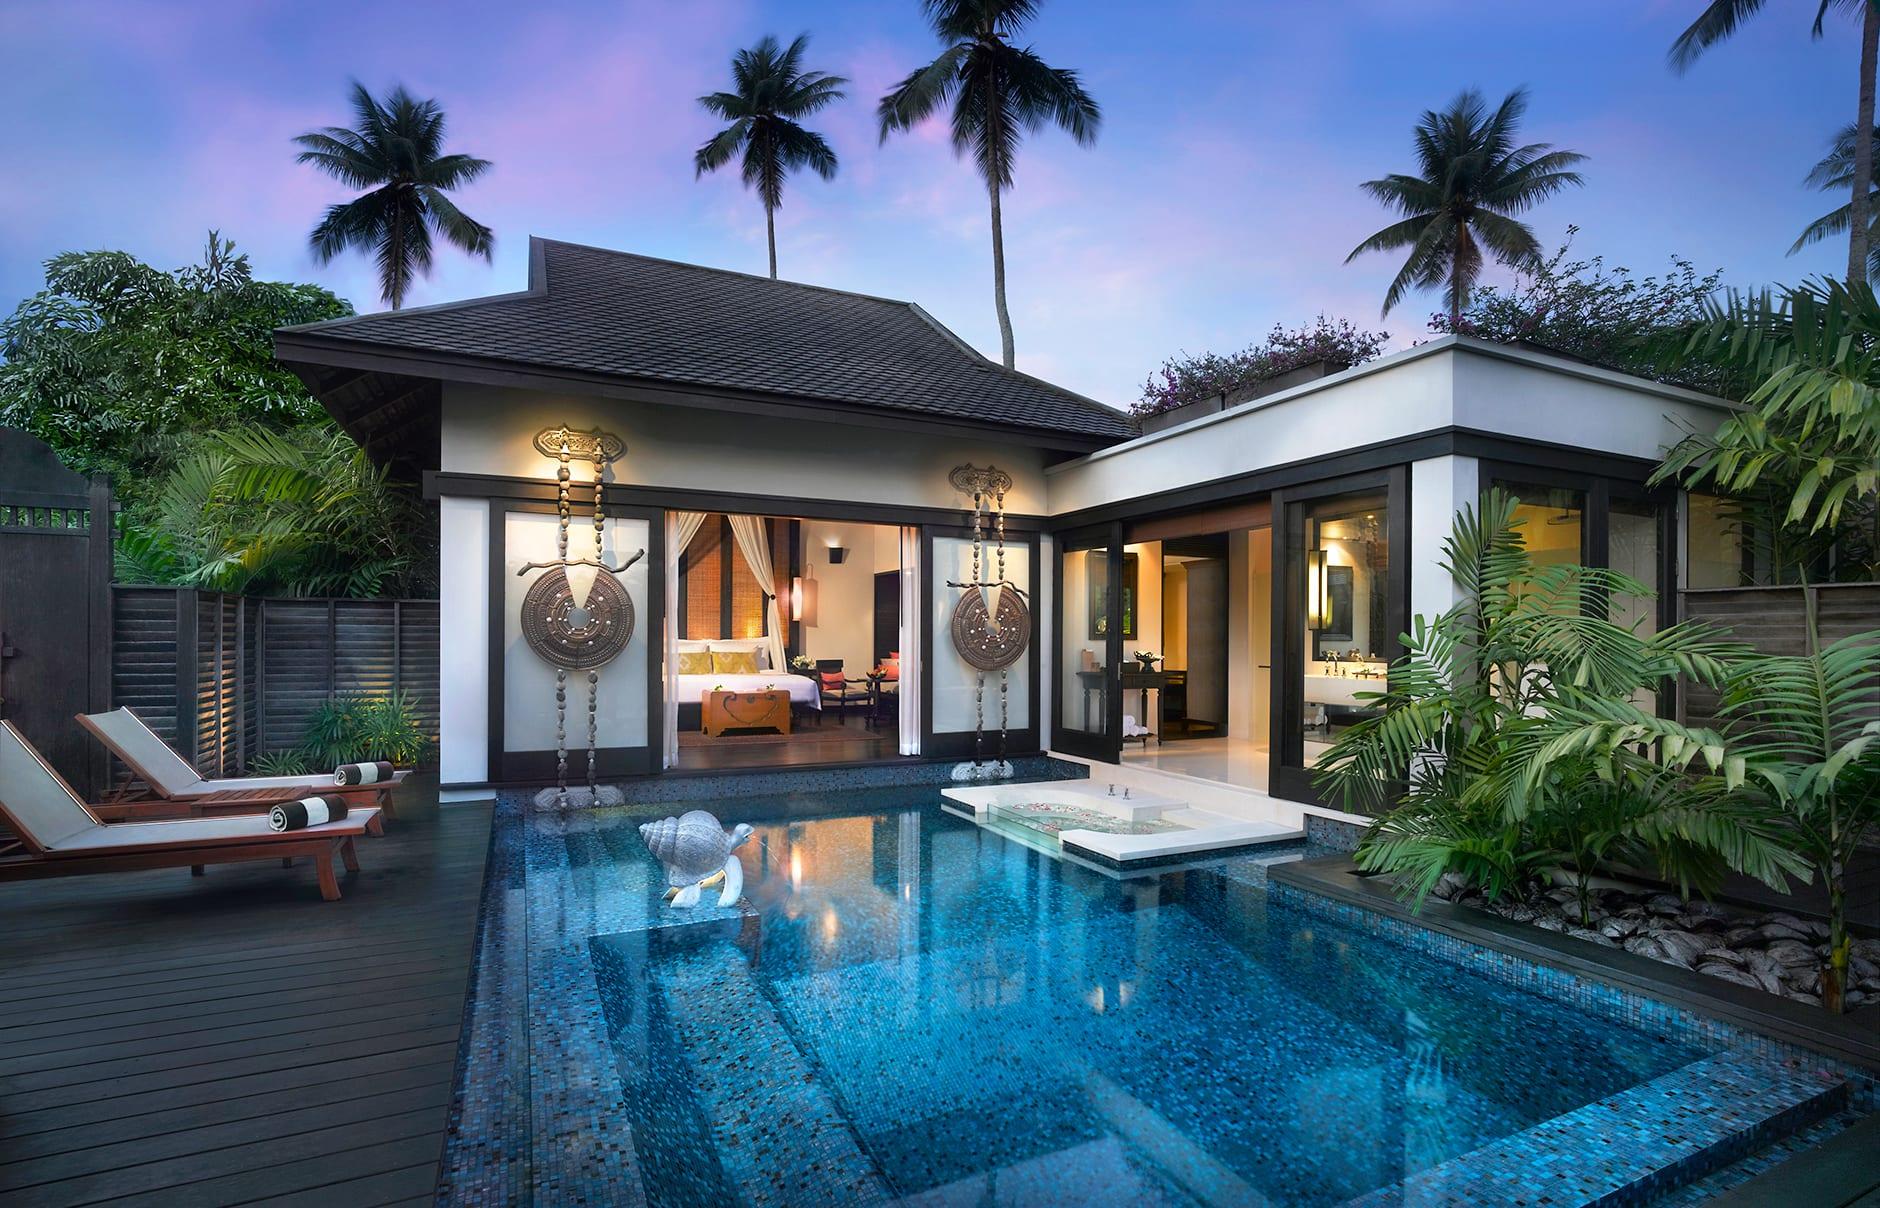 Pool Villa at night. Anantara Phuket Villas, Thailand. © Anantara Hotels, Resorts & Spa